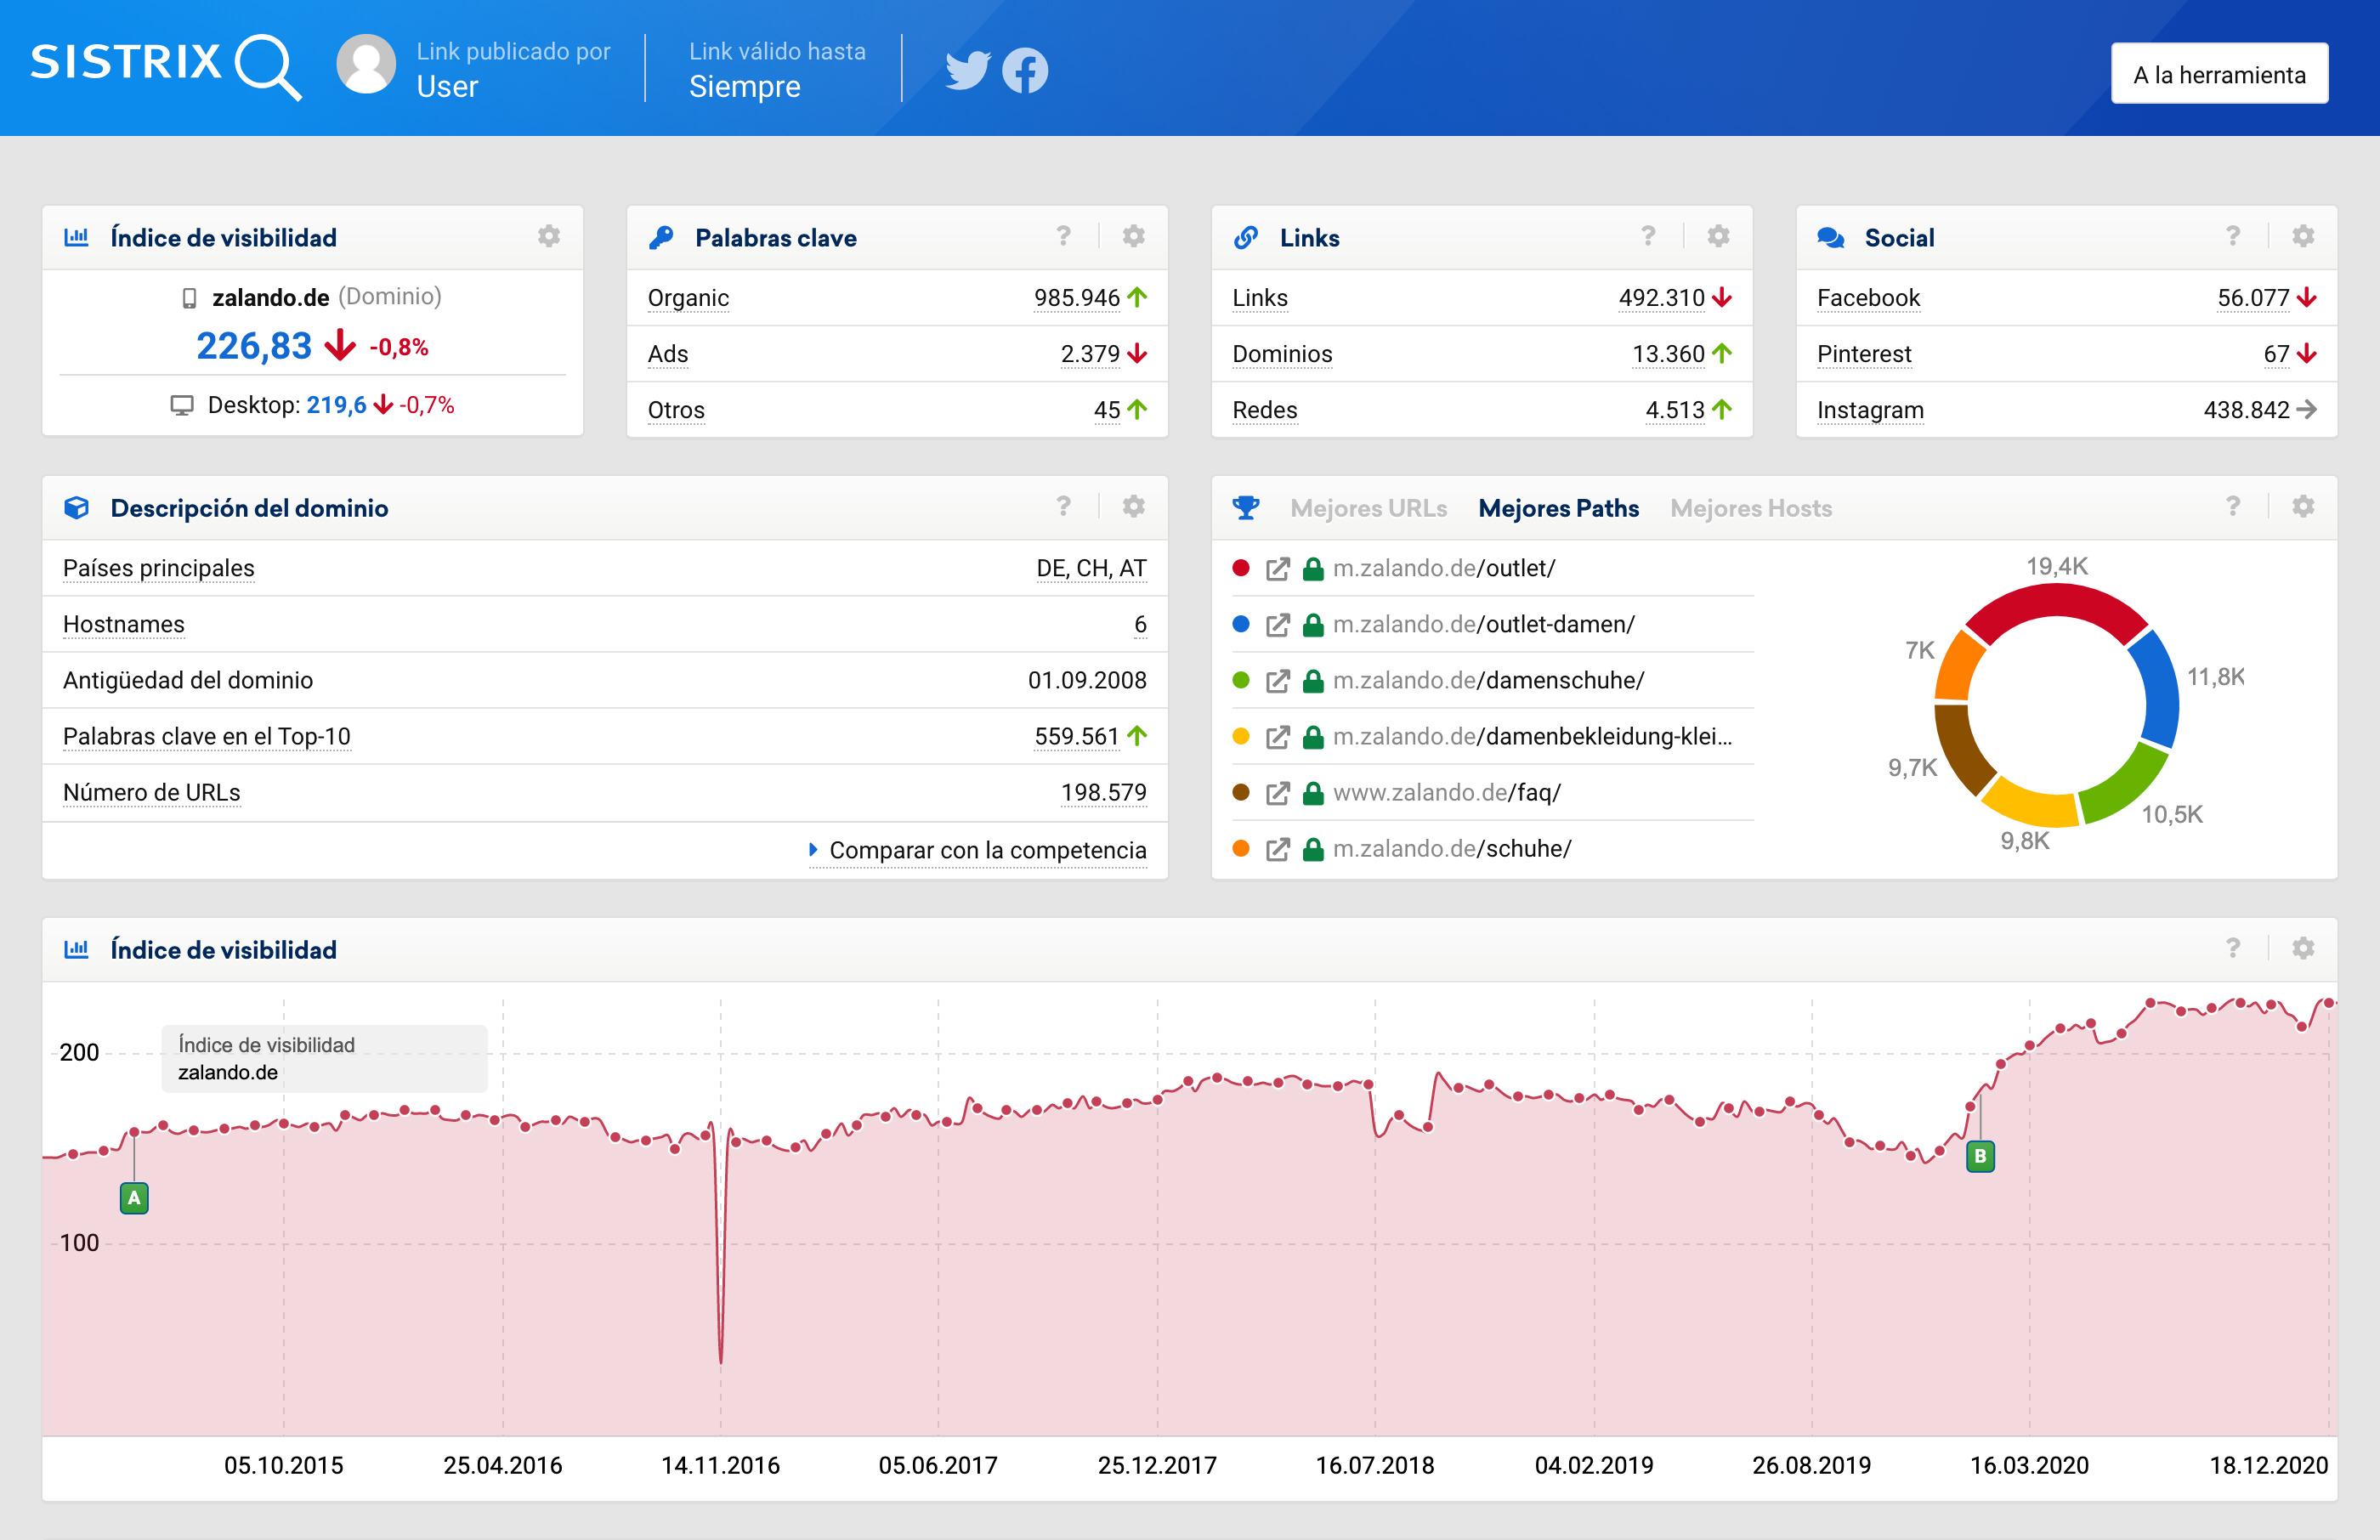 resumen general de las KPIs más importantes dentro de la herramienta SISTRIX para wikipedia.org